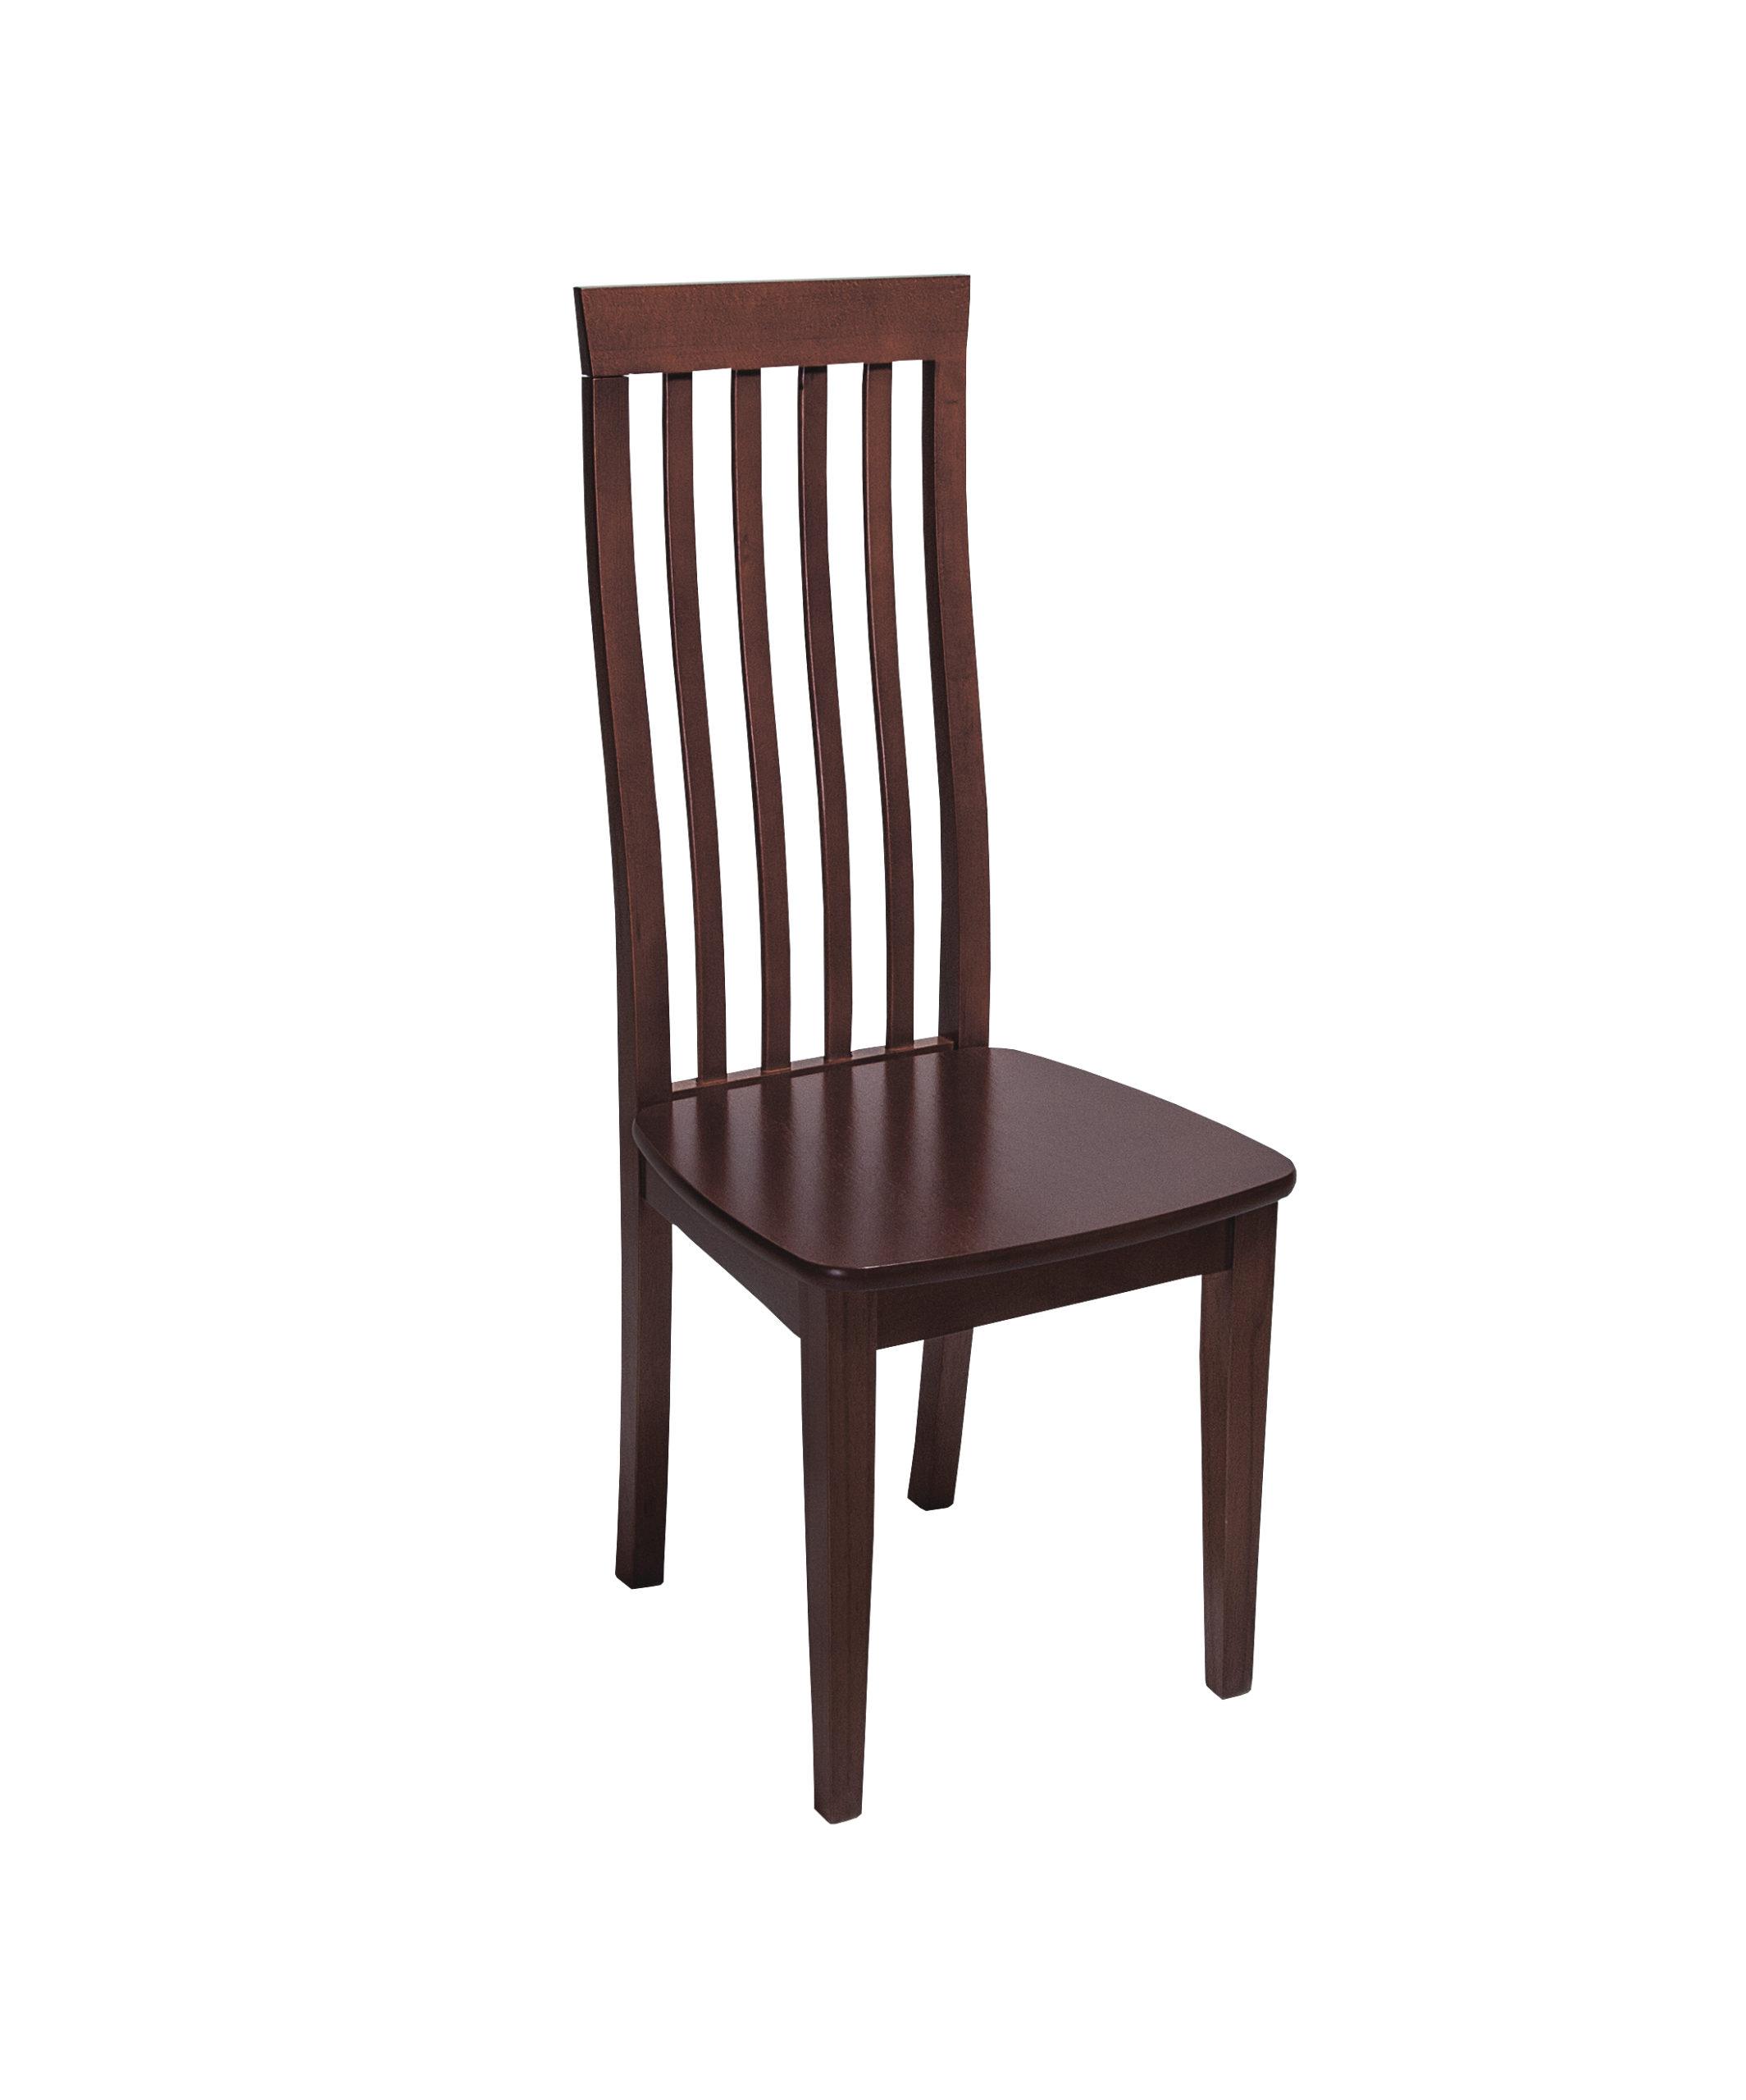 6401. Каркас стула из массива бука. id=15868